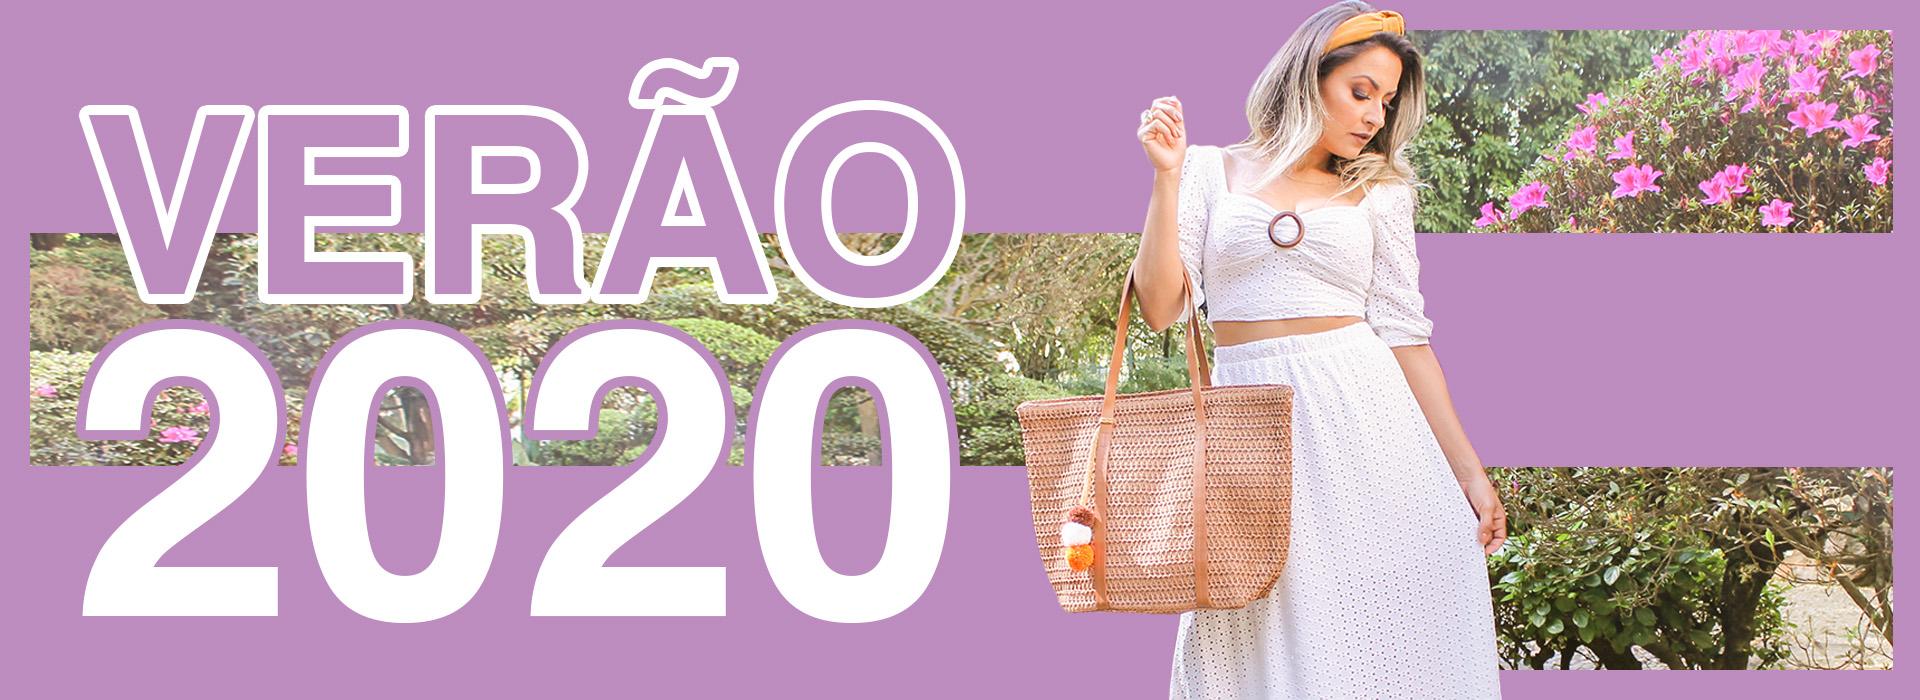 Verão 2020! confira as novidades